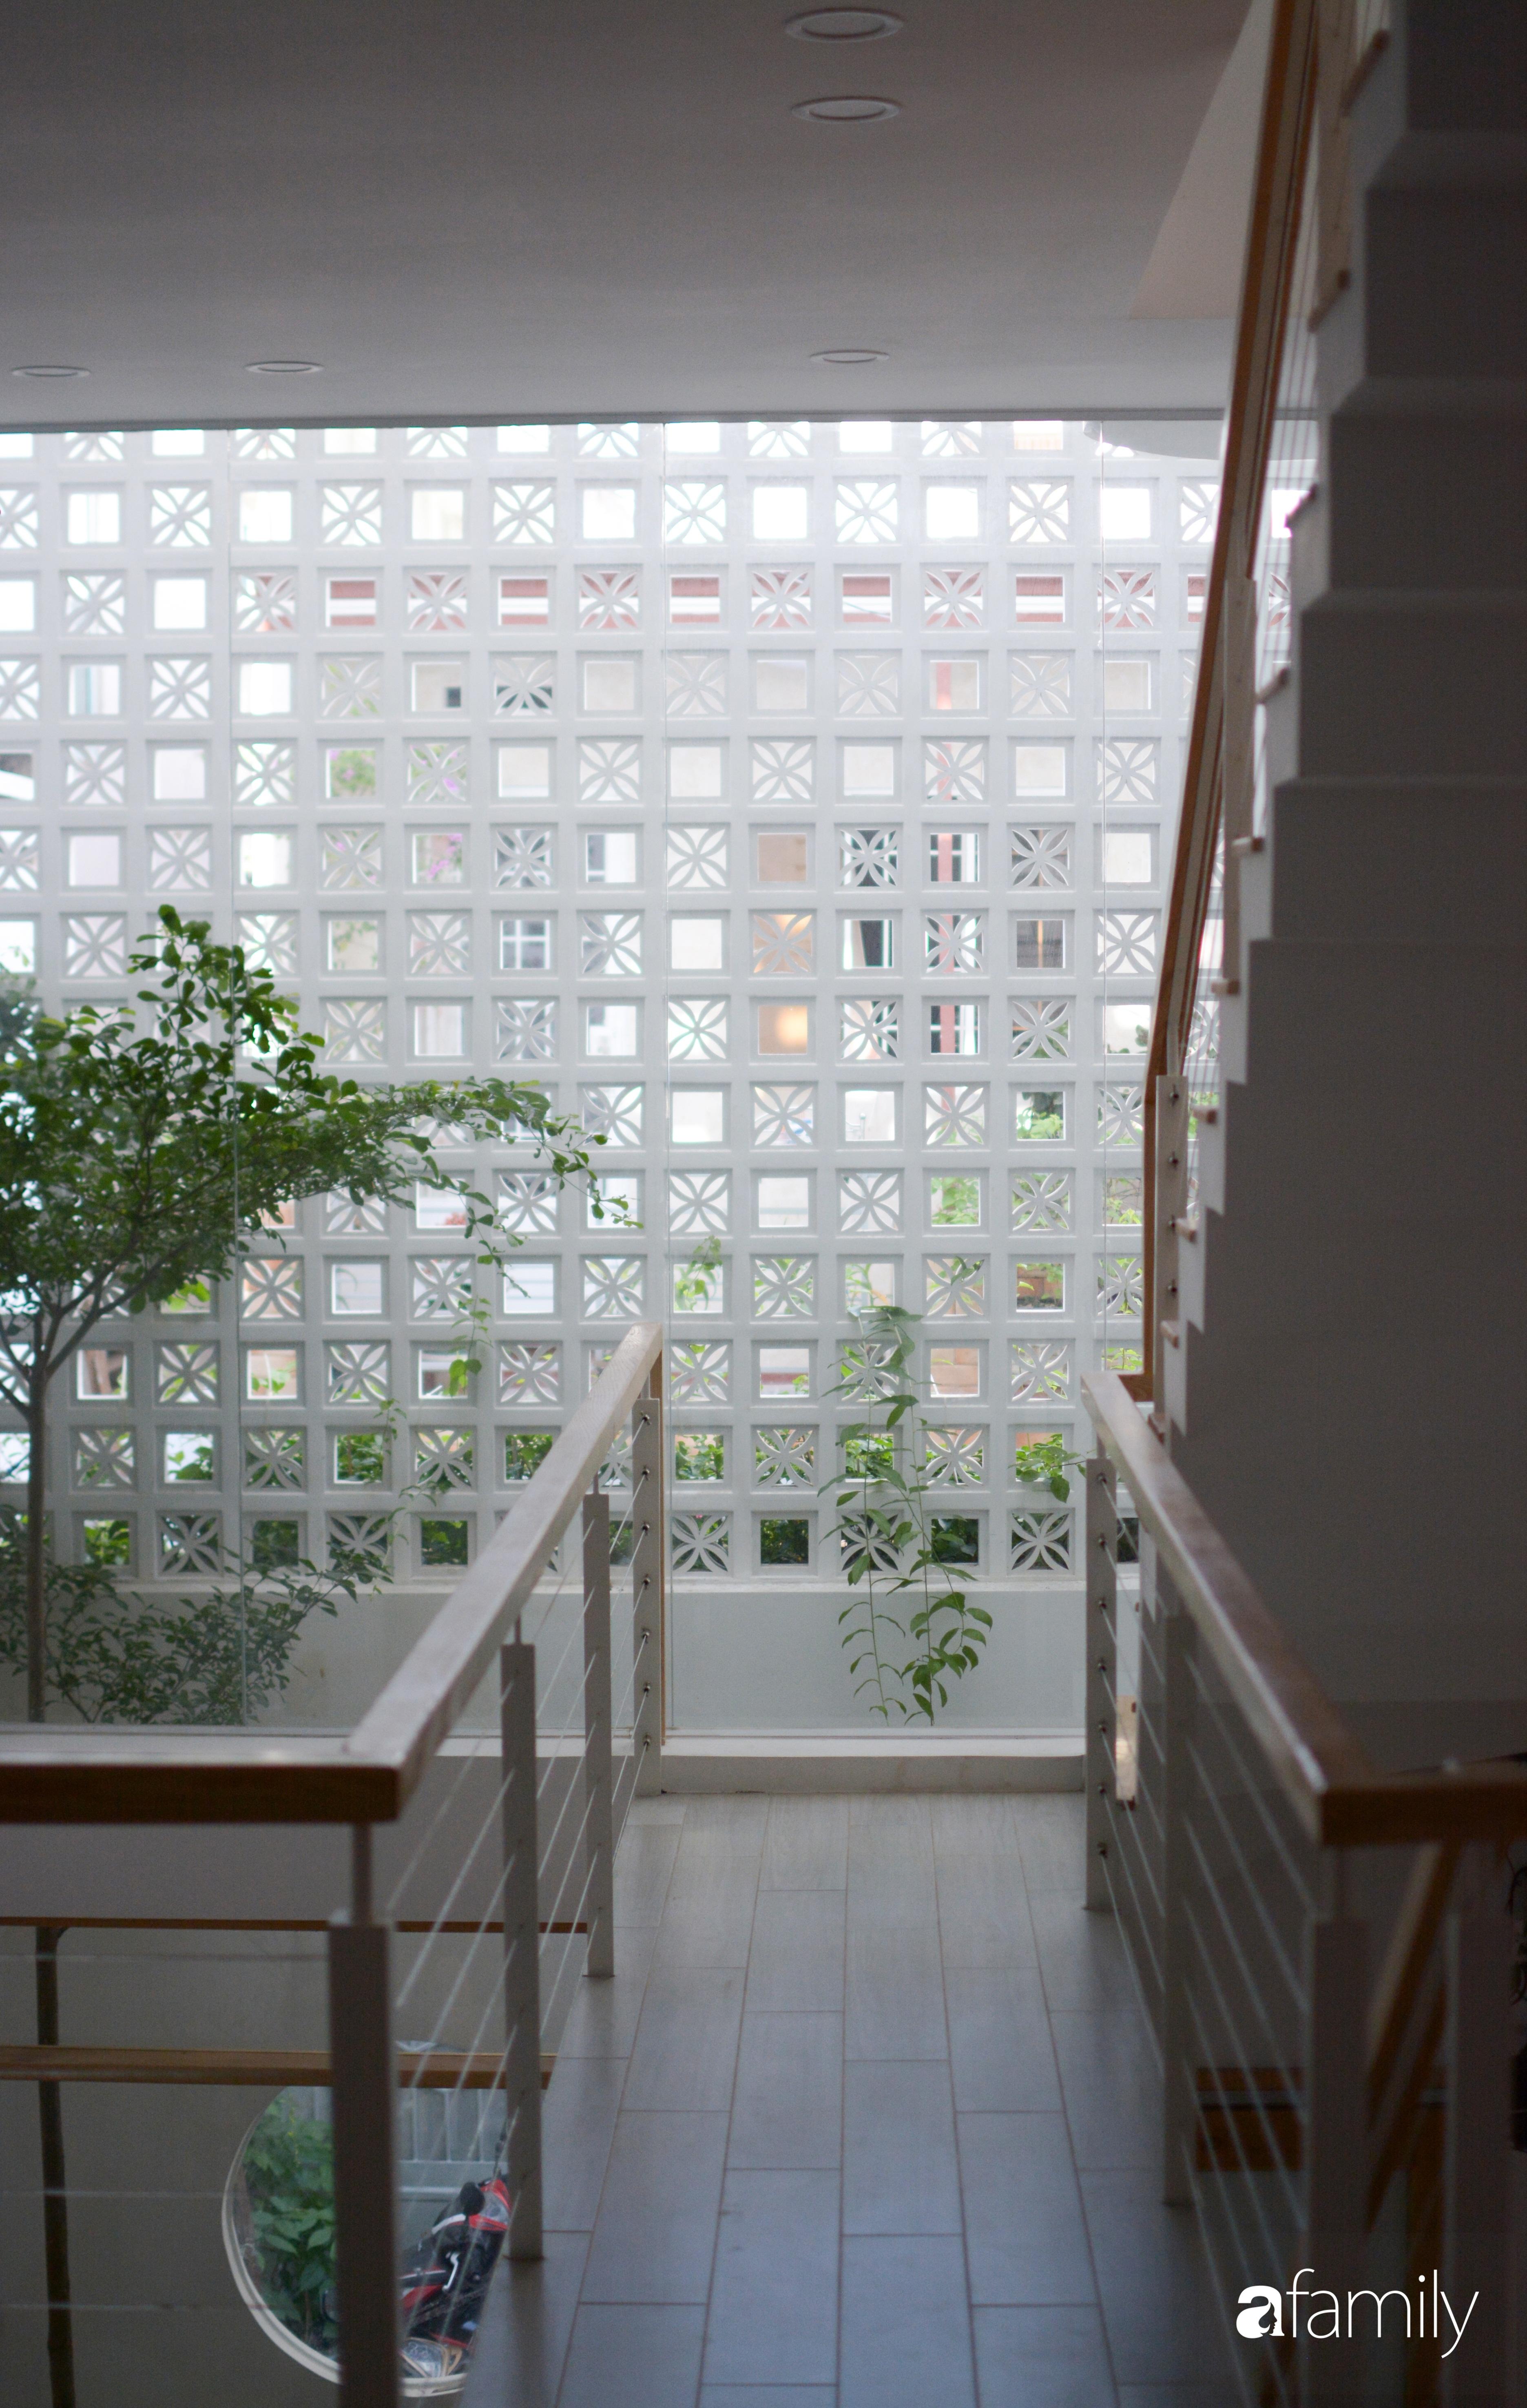 Nhà phố 38m² trong hẻm nhỏ vẫn rộng thoáng và ngập tràn bóng nắng ở Quận Gò Vấp, TP HCM - Ảnh 12.